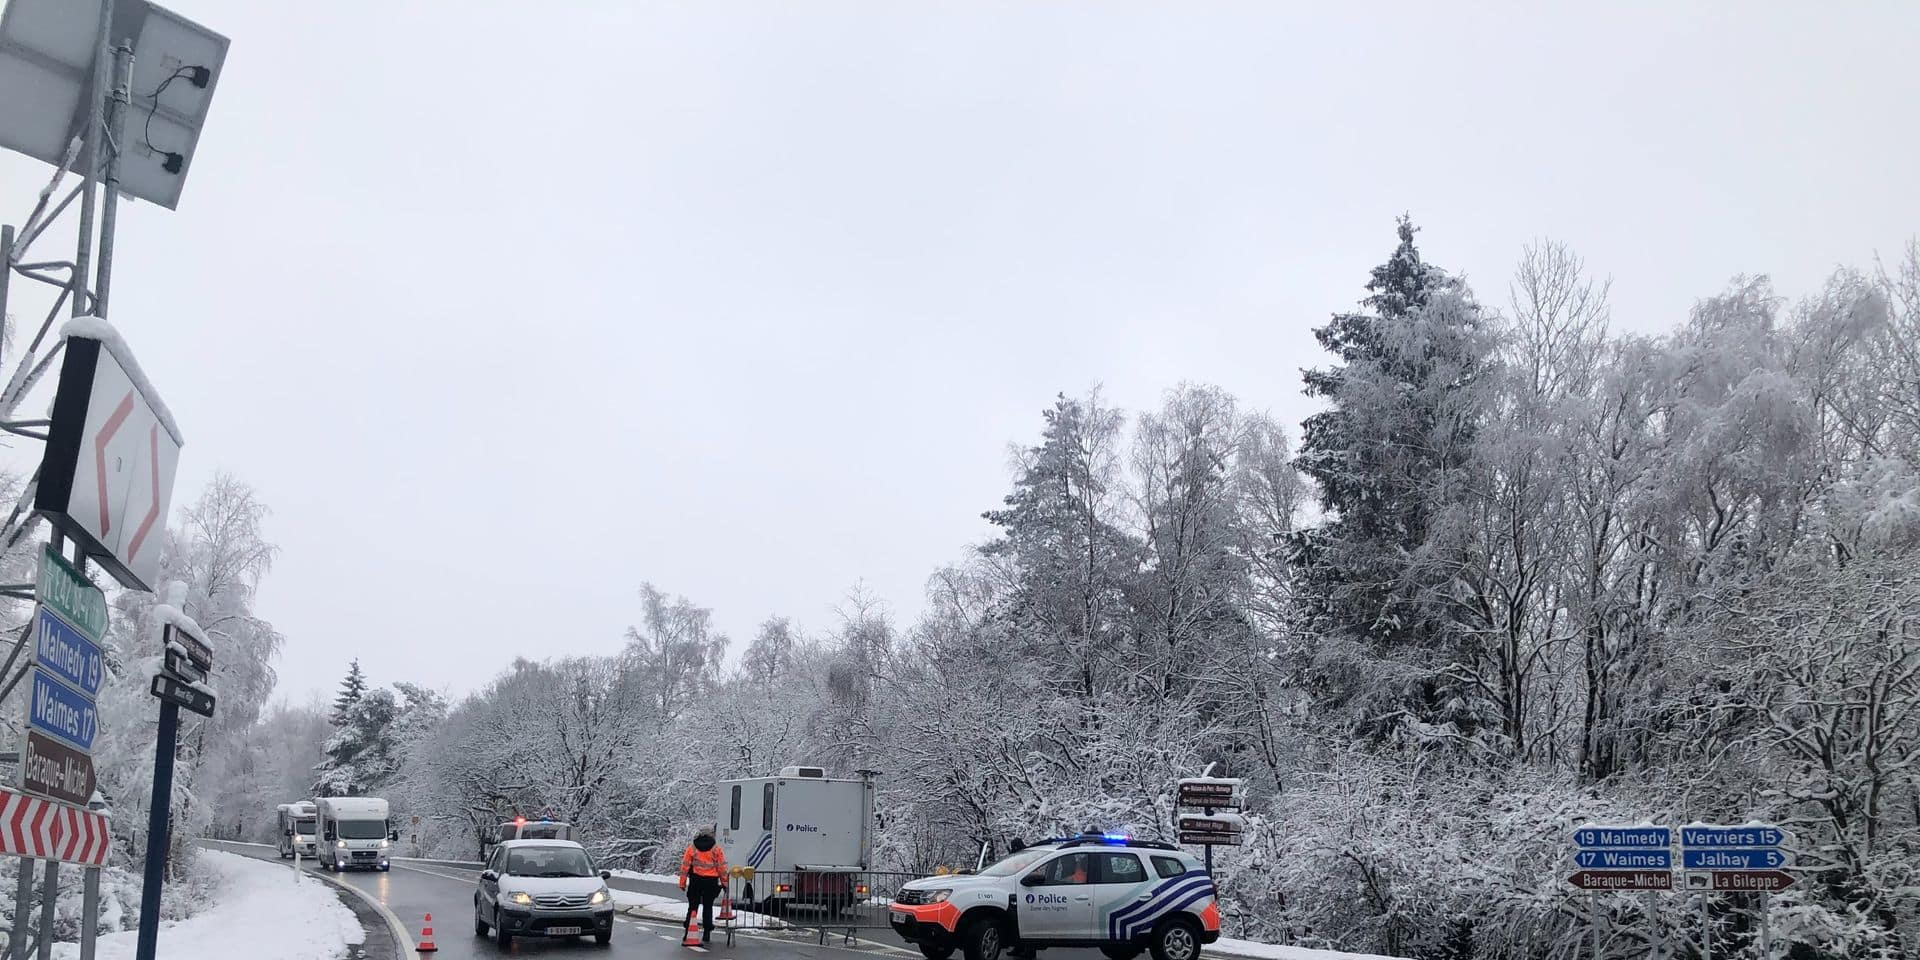 Météo: prudence sur les routes avec des routes glissantes à cause du gel